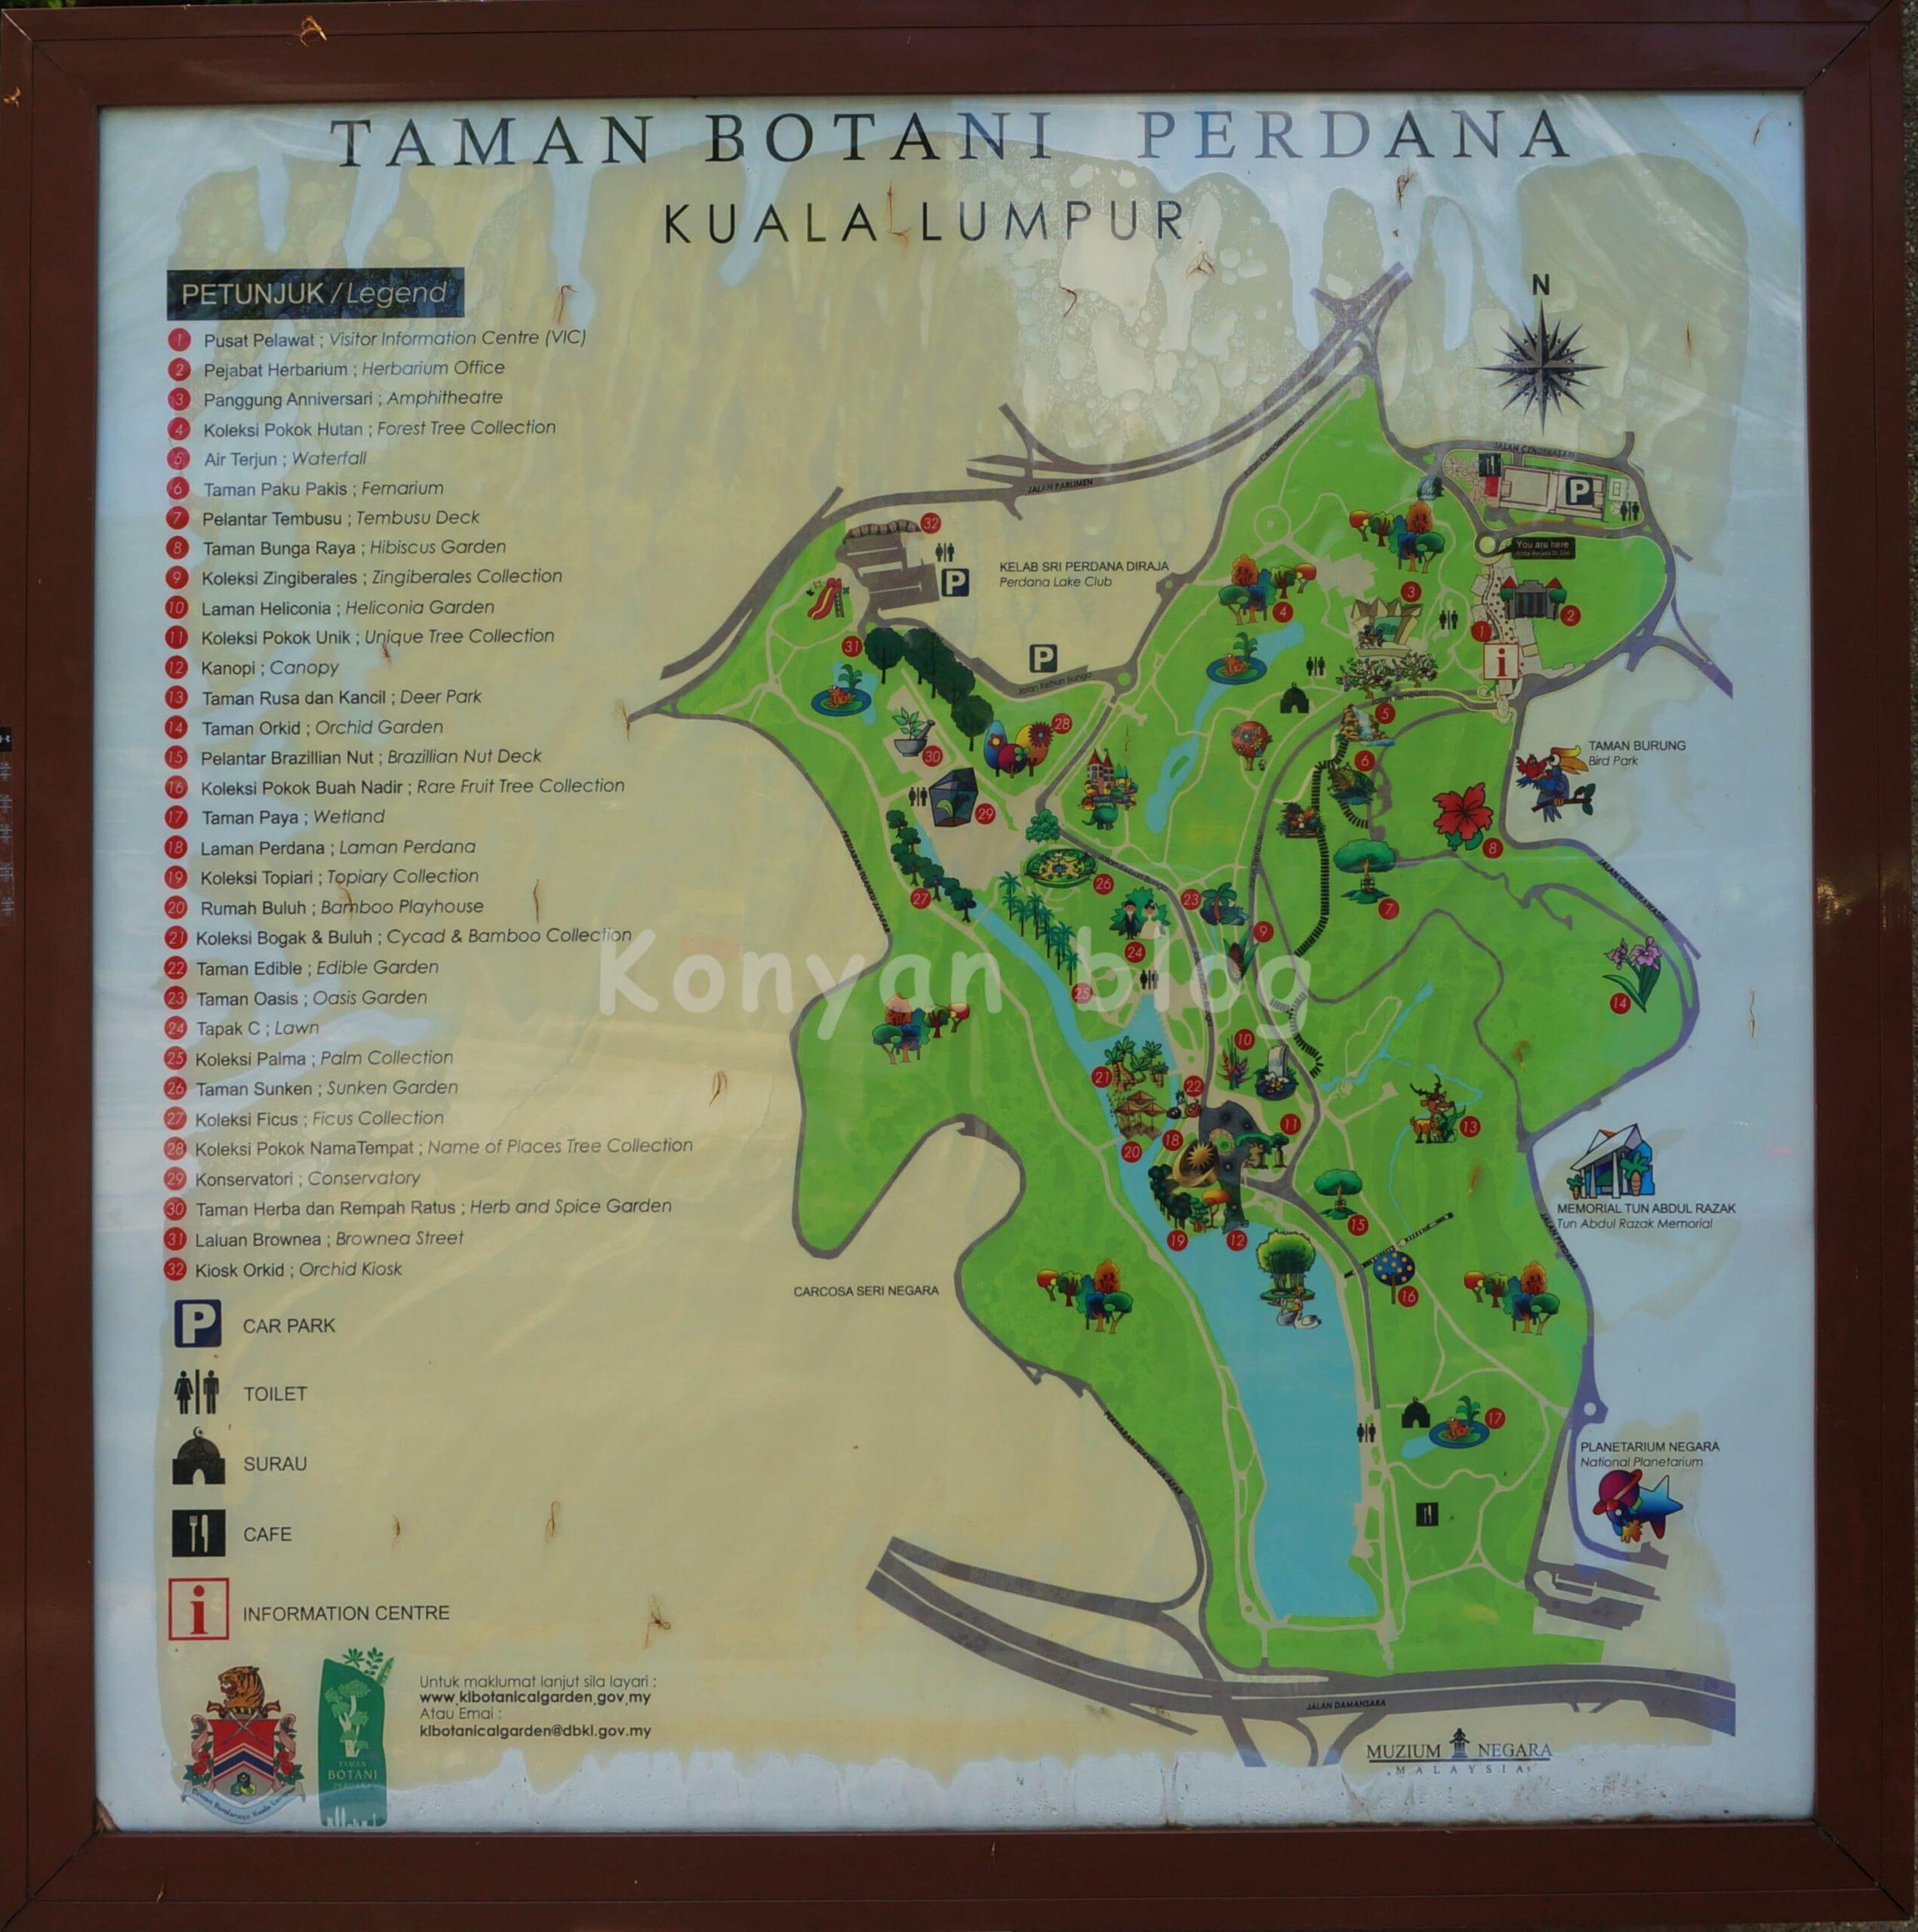 ペルダナ植物園 Perdana